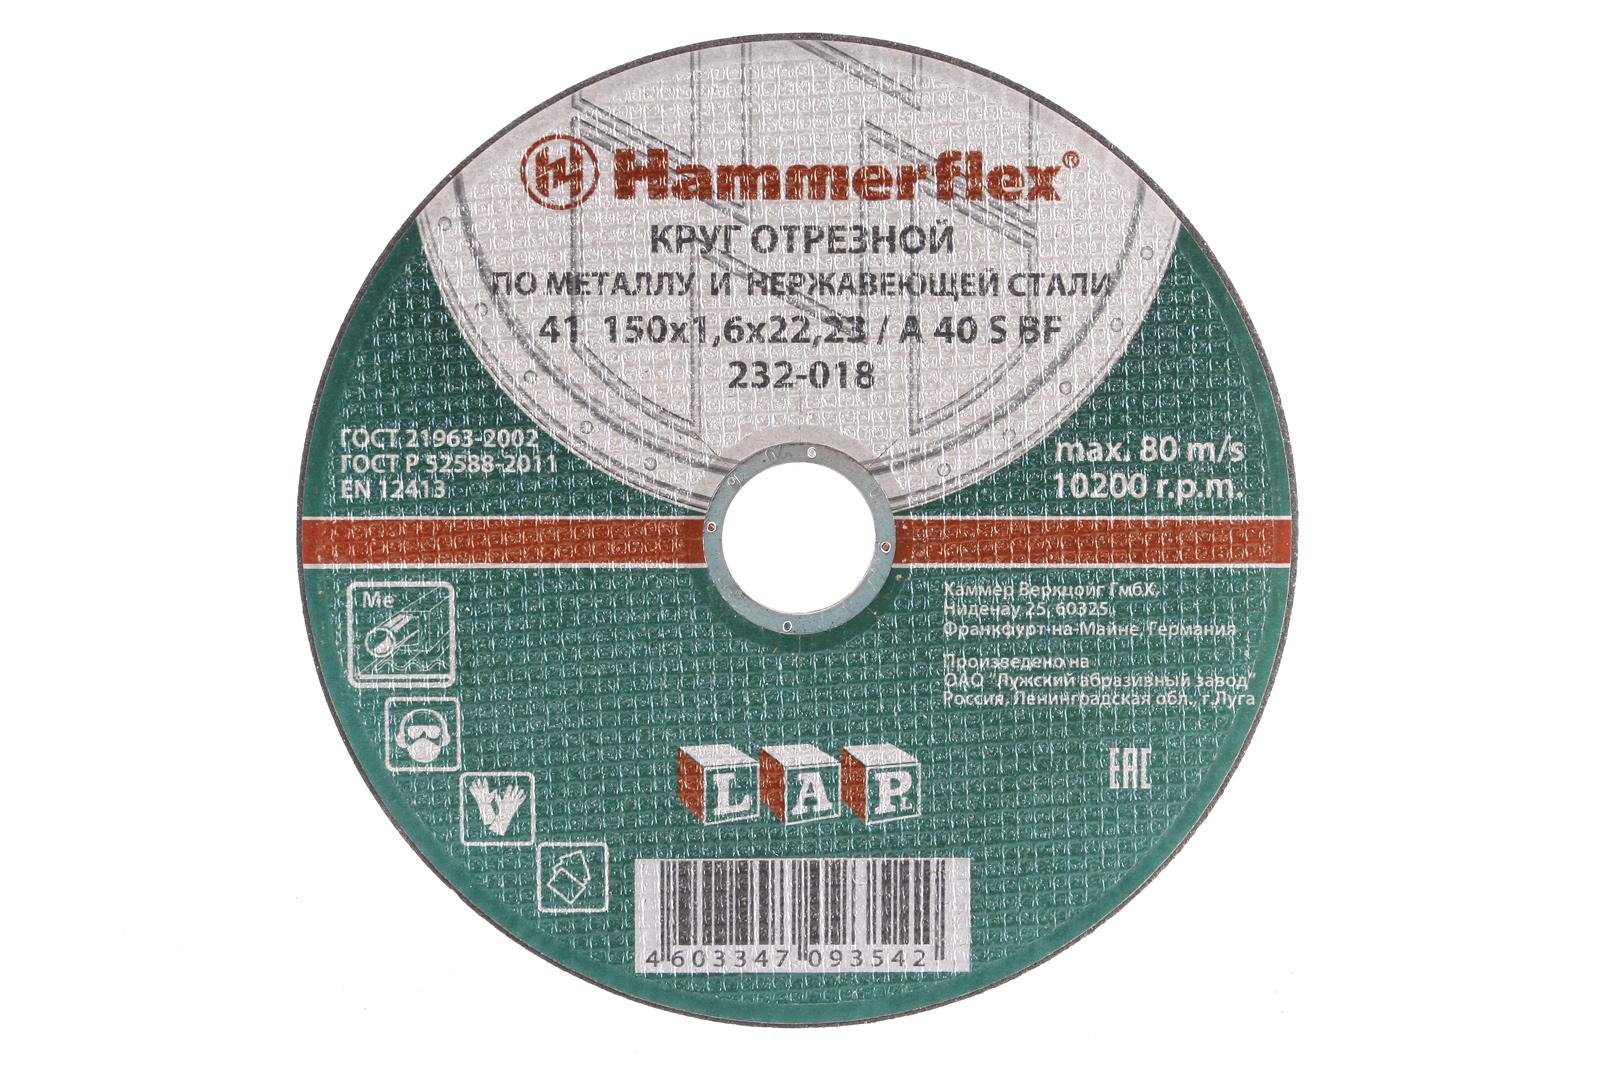 Круг отрезной Hammer Flex 150 x 1.6 x 22 по металлу и нержавеющей стали 25шт круг отрезной hammer flex 115 x 1 6 x 22 по металлу и нержавеющей стали 25шт